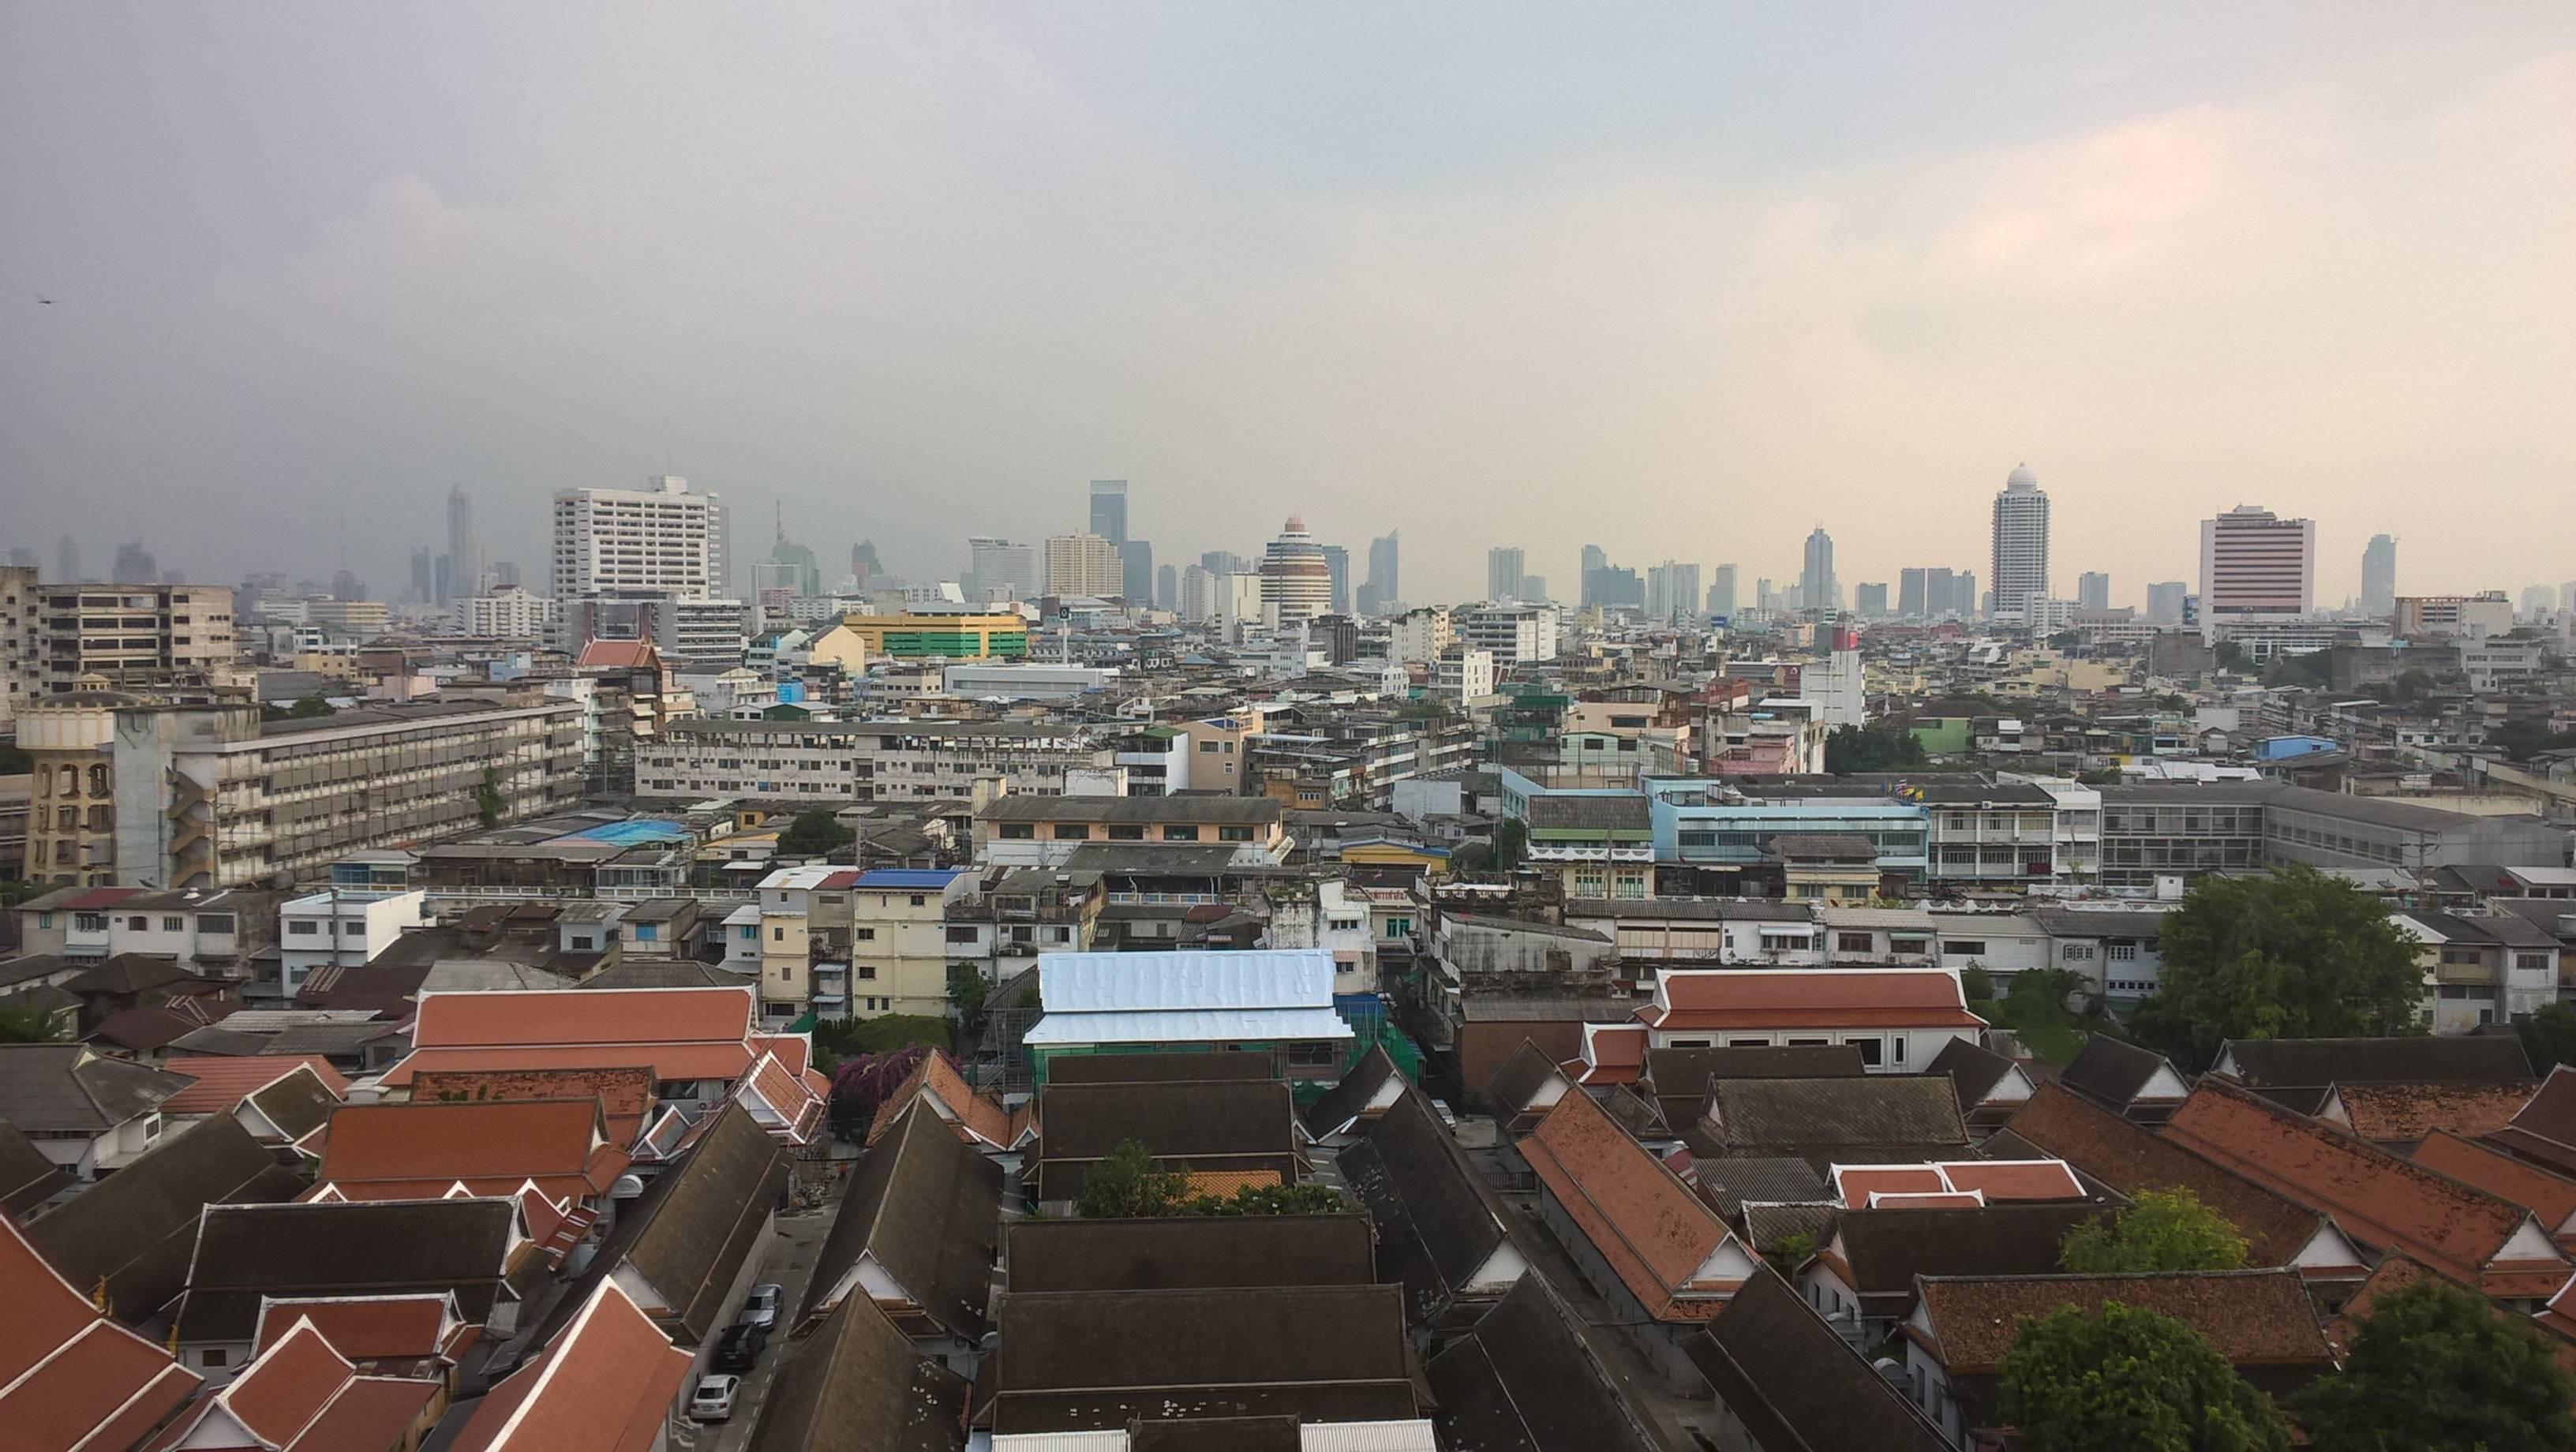 Photo 1: Bangkok : un véritable coup de coeur